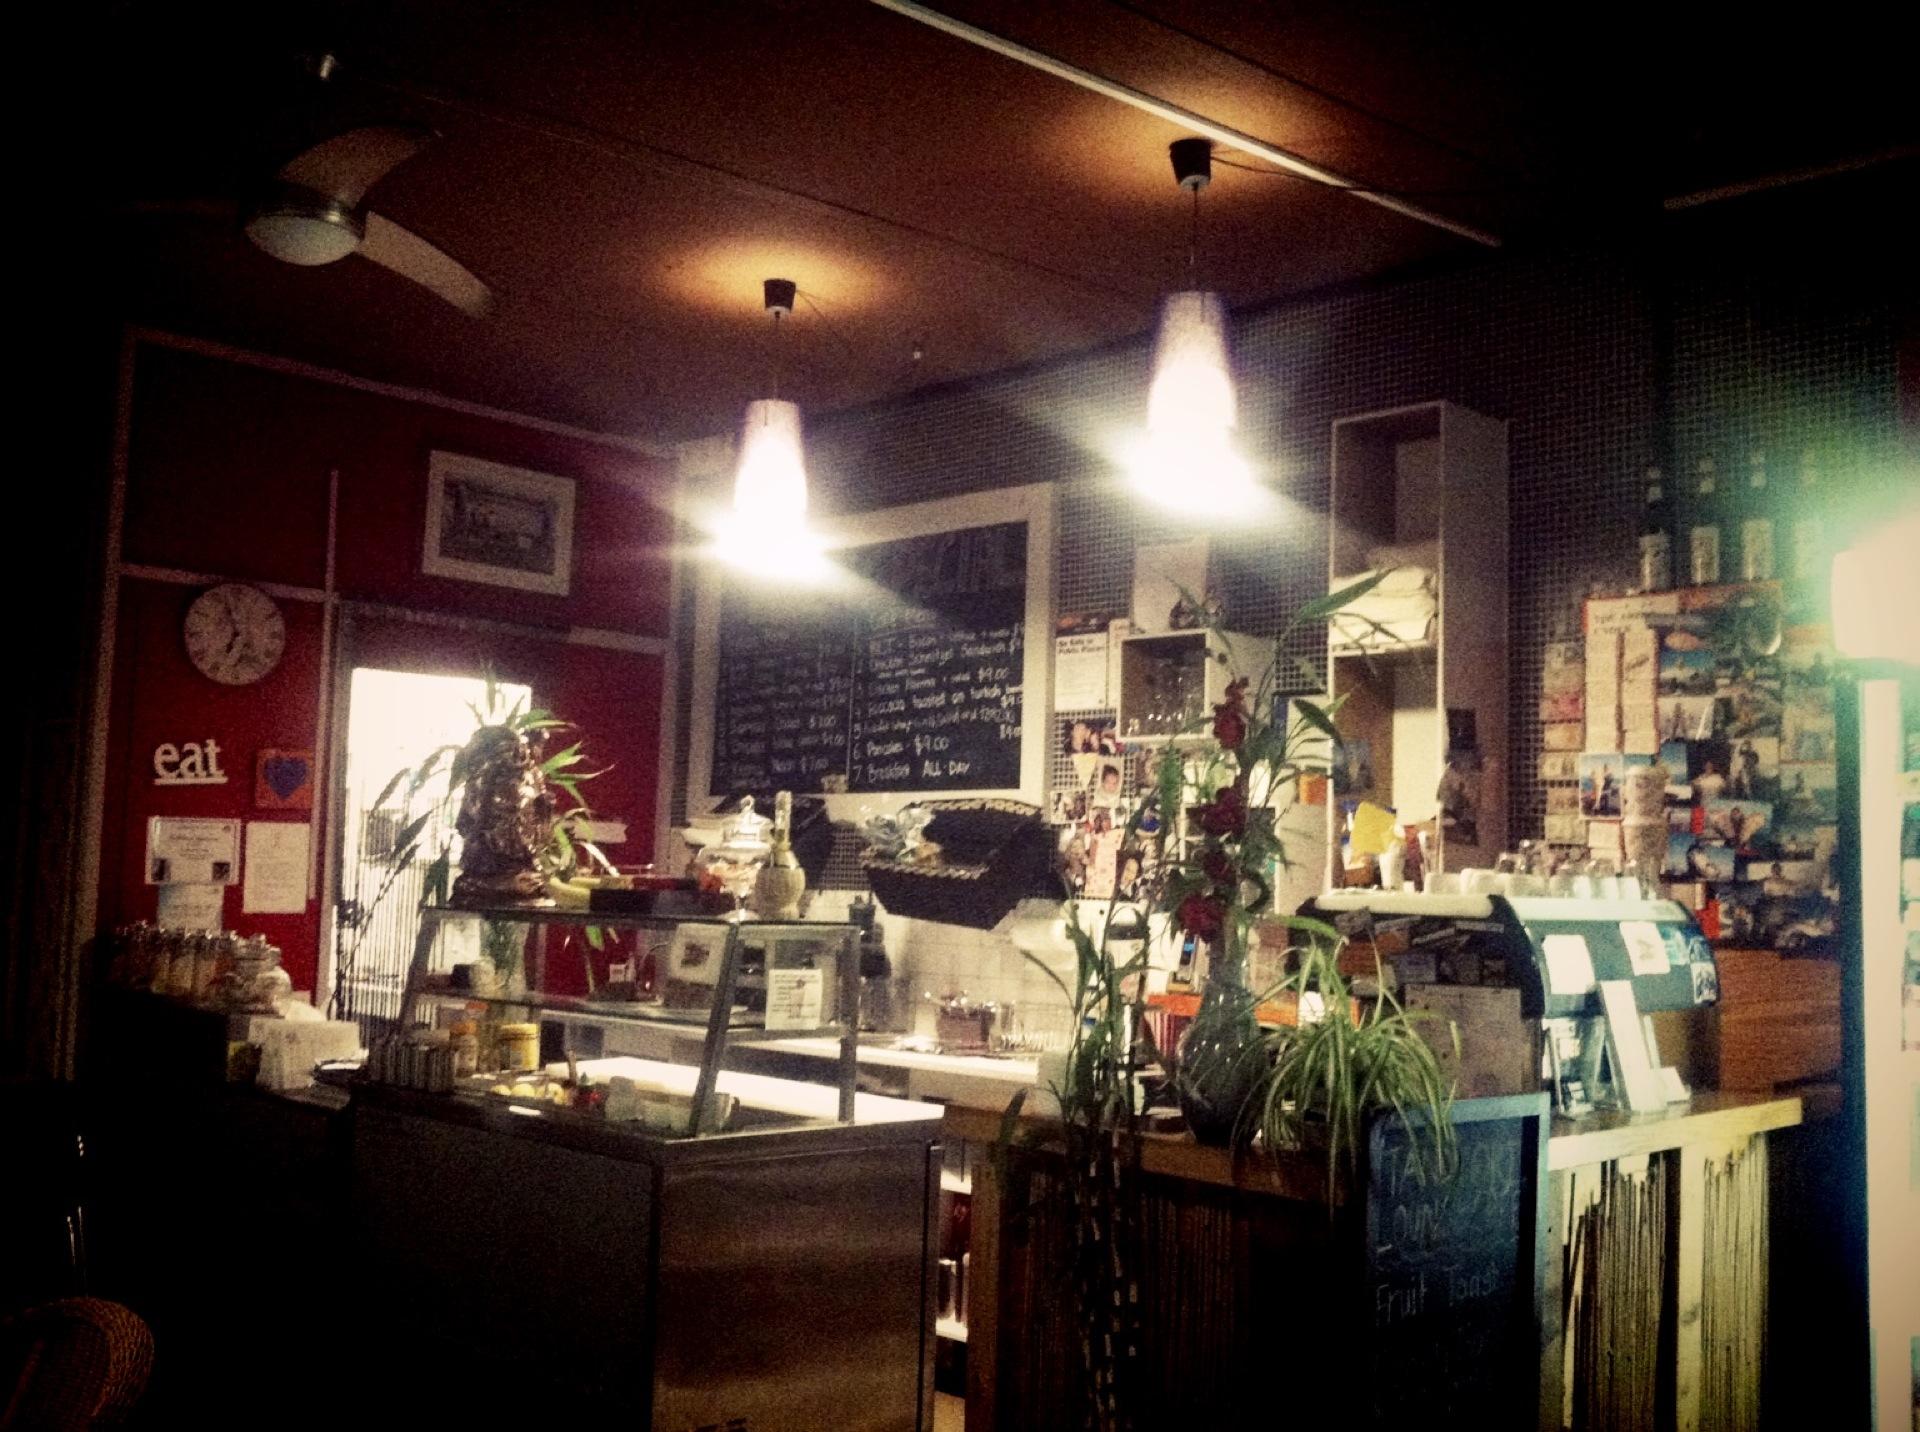 The Village Cafe & Indian Resturant | DINGLEY VILLAGE 51 MARCUS ROAD, Dingley Village, Victoria 3172 | +61 3 9551 0640